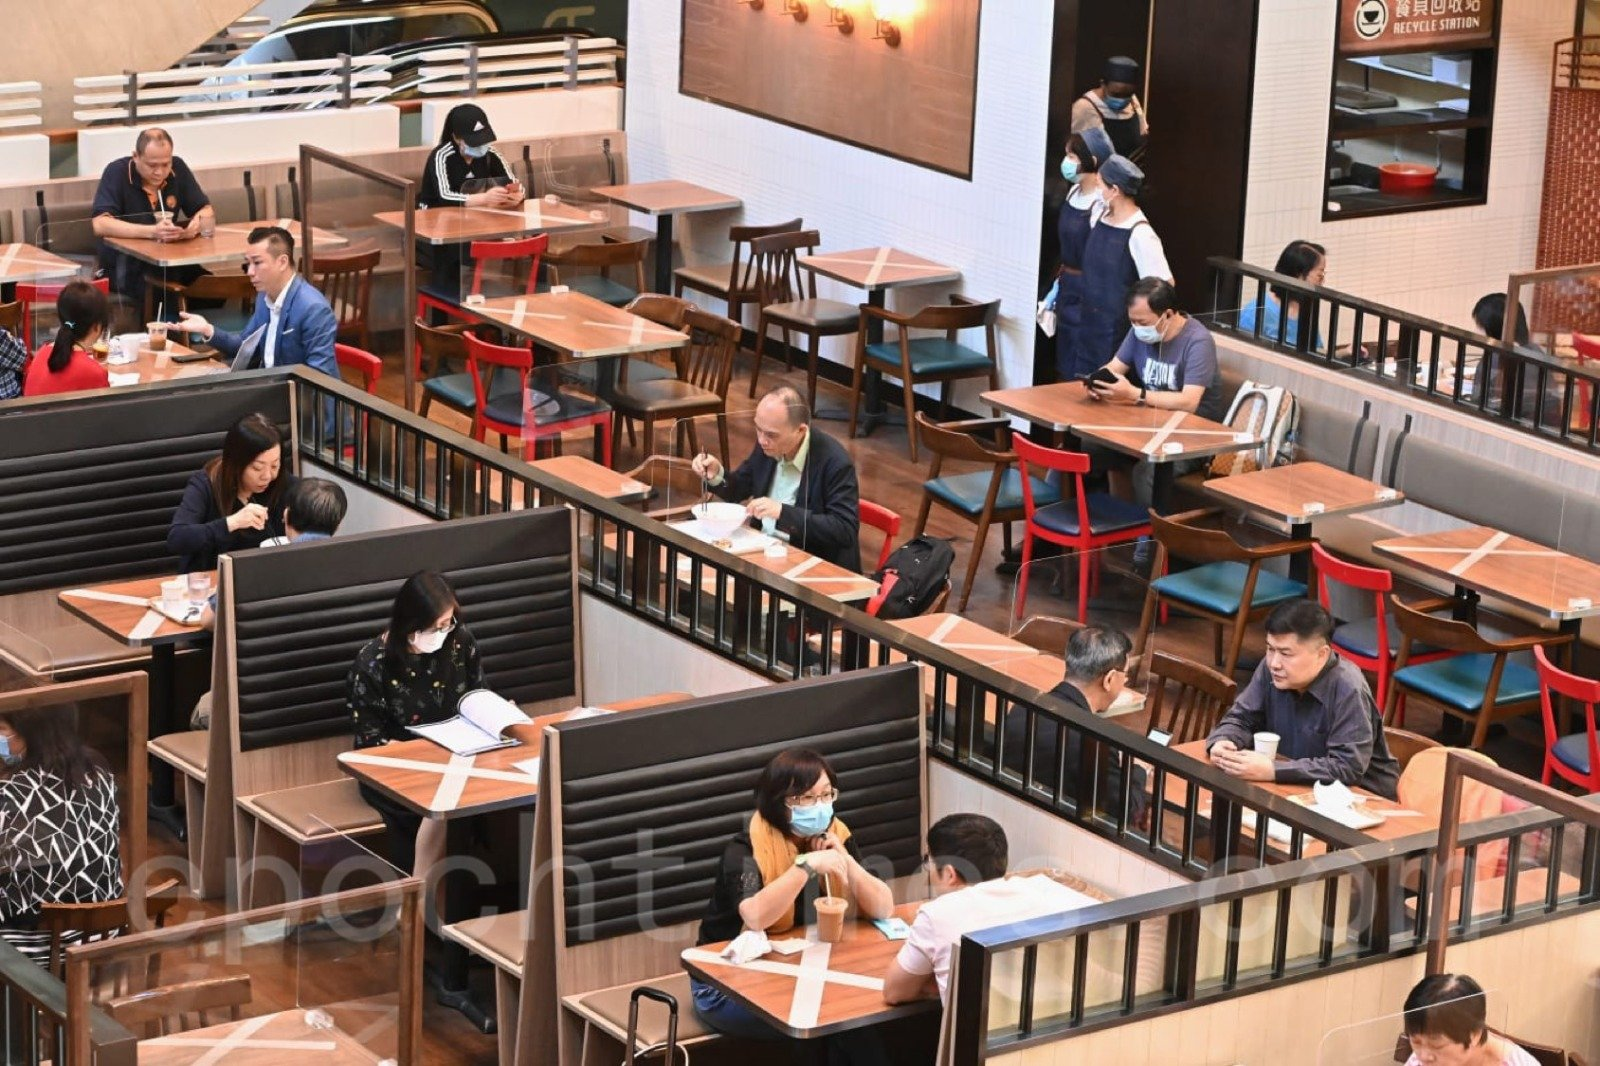 10月30日起,餐飲業務處所堂食時間延至凌晨2時,而食肆4人一枱的限制,放寬至6人一枱。(宋碧龍/大紀元)